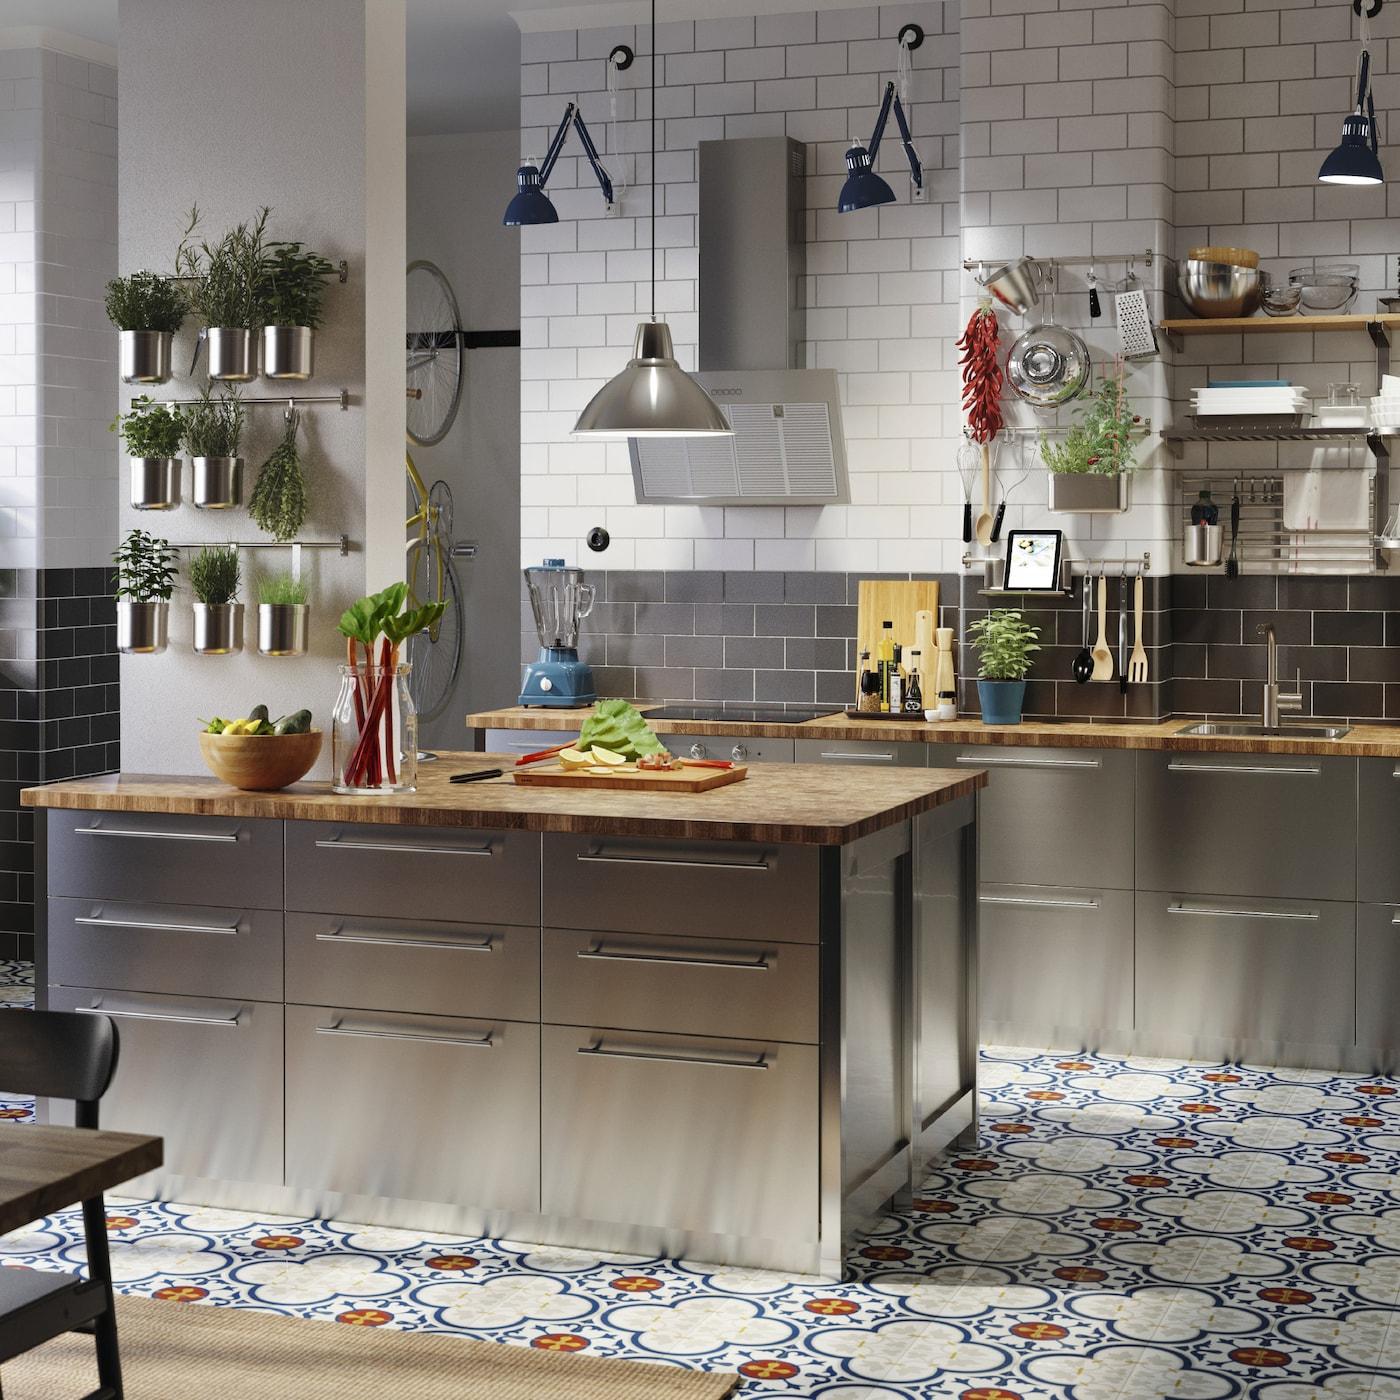 Una grande cucina con frontali in acciaio inossidabile, piani di lavoro con impiallacciatura in rovere, lampade da lavoro industriali blu e contenitori con erbe aromatiche - IKEA